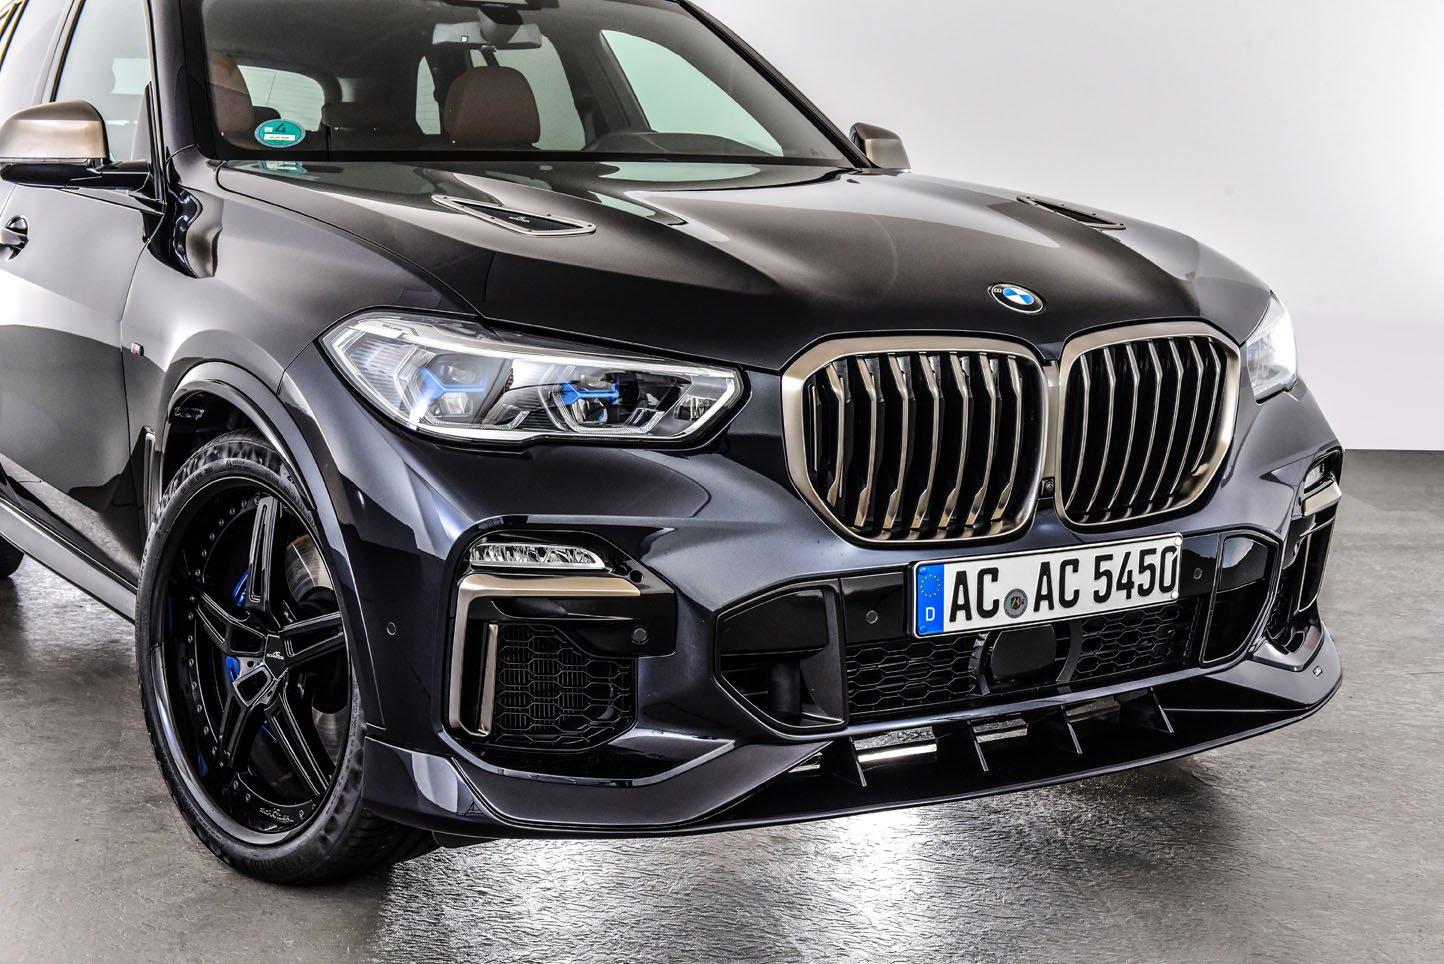 BMW-X5-by-AC-Schnitzer-2019-10